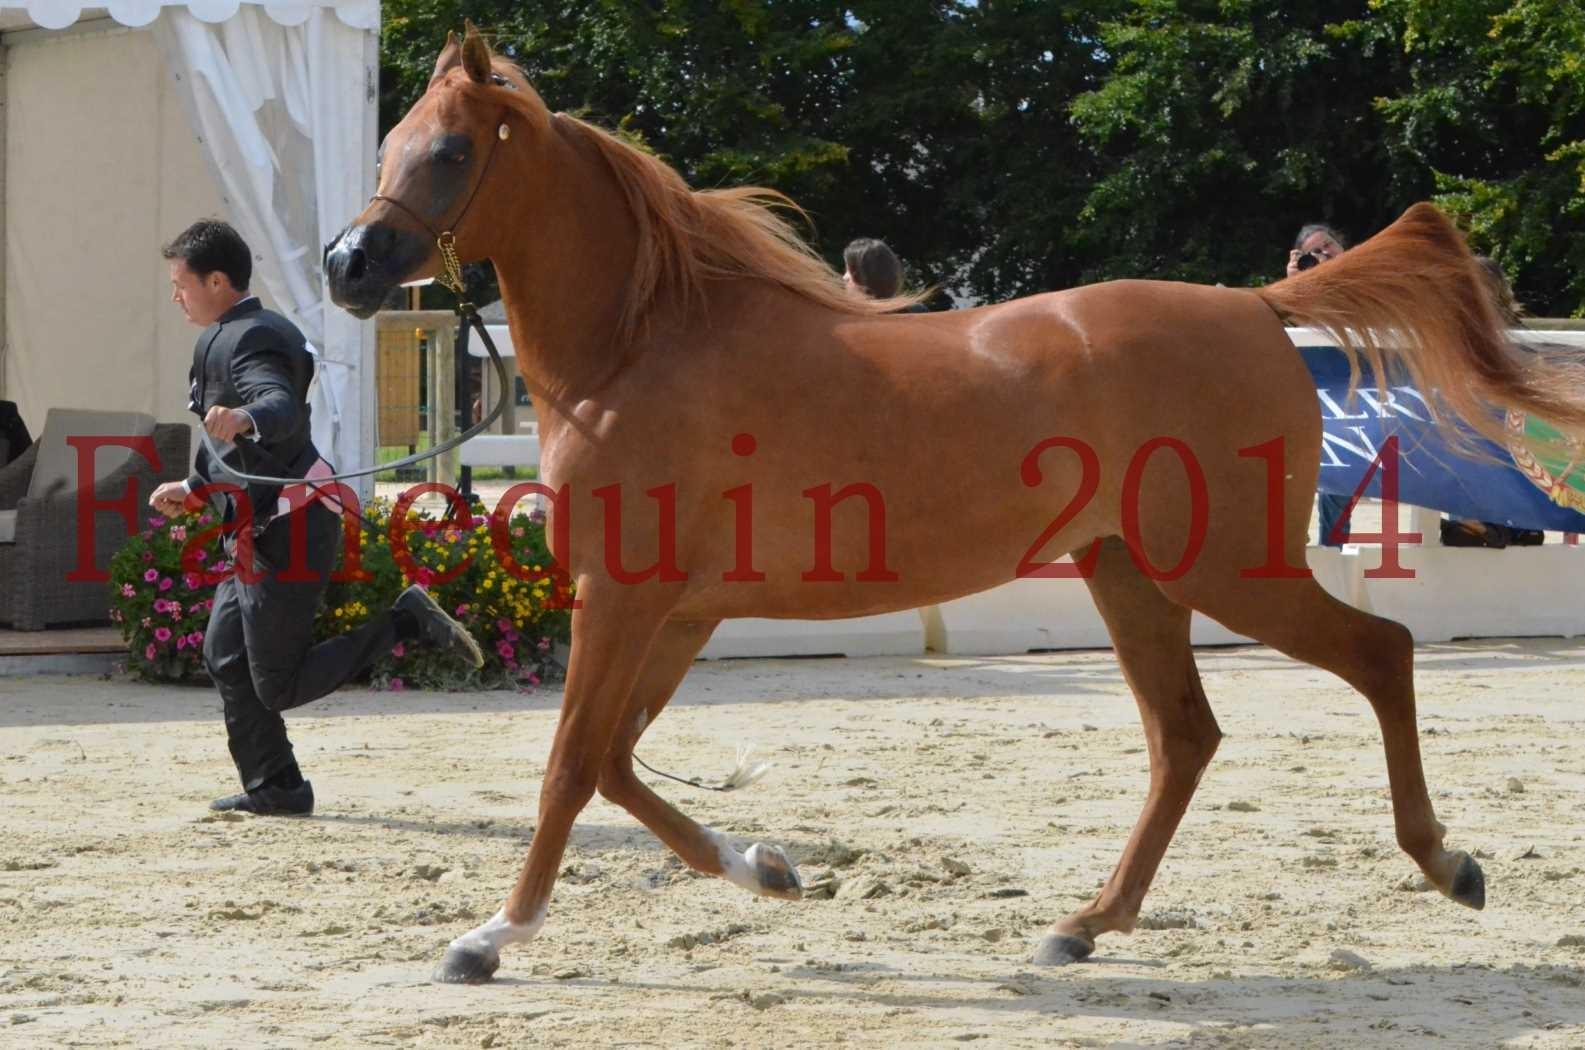 CHAMPIONNAT DE FRANCE 2014 A POMPADOUR - Sélection - LUTFINAH JA - 29